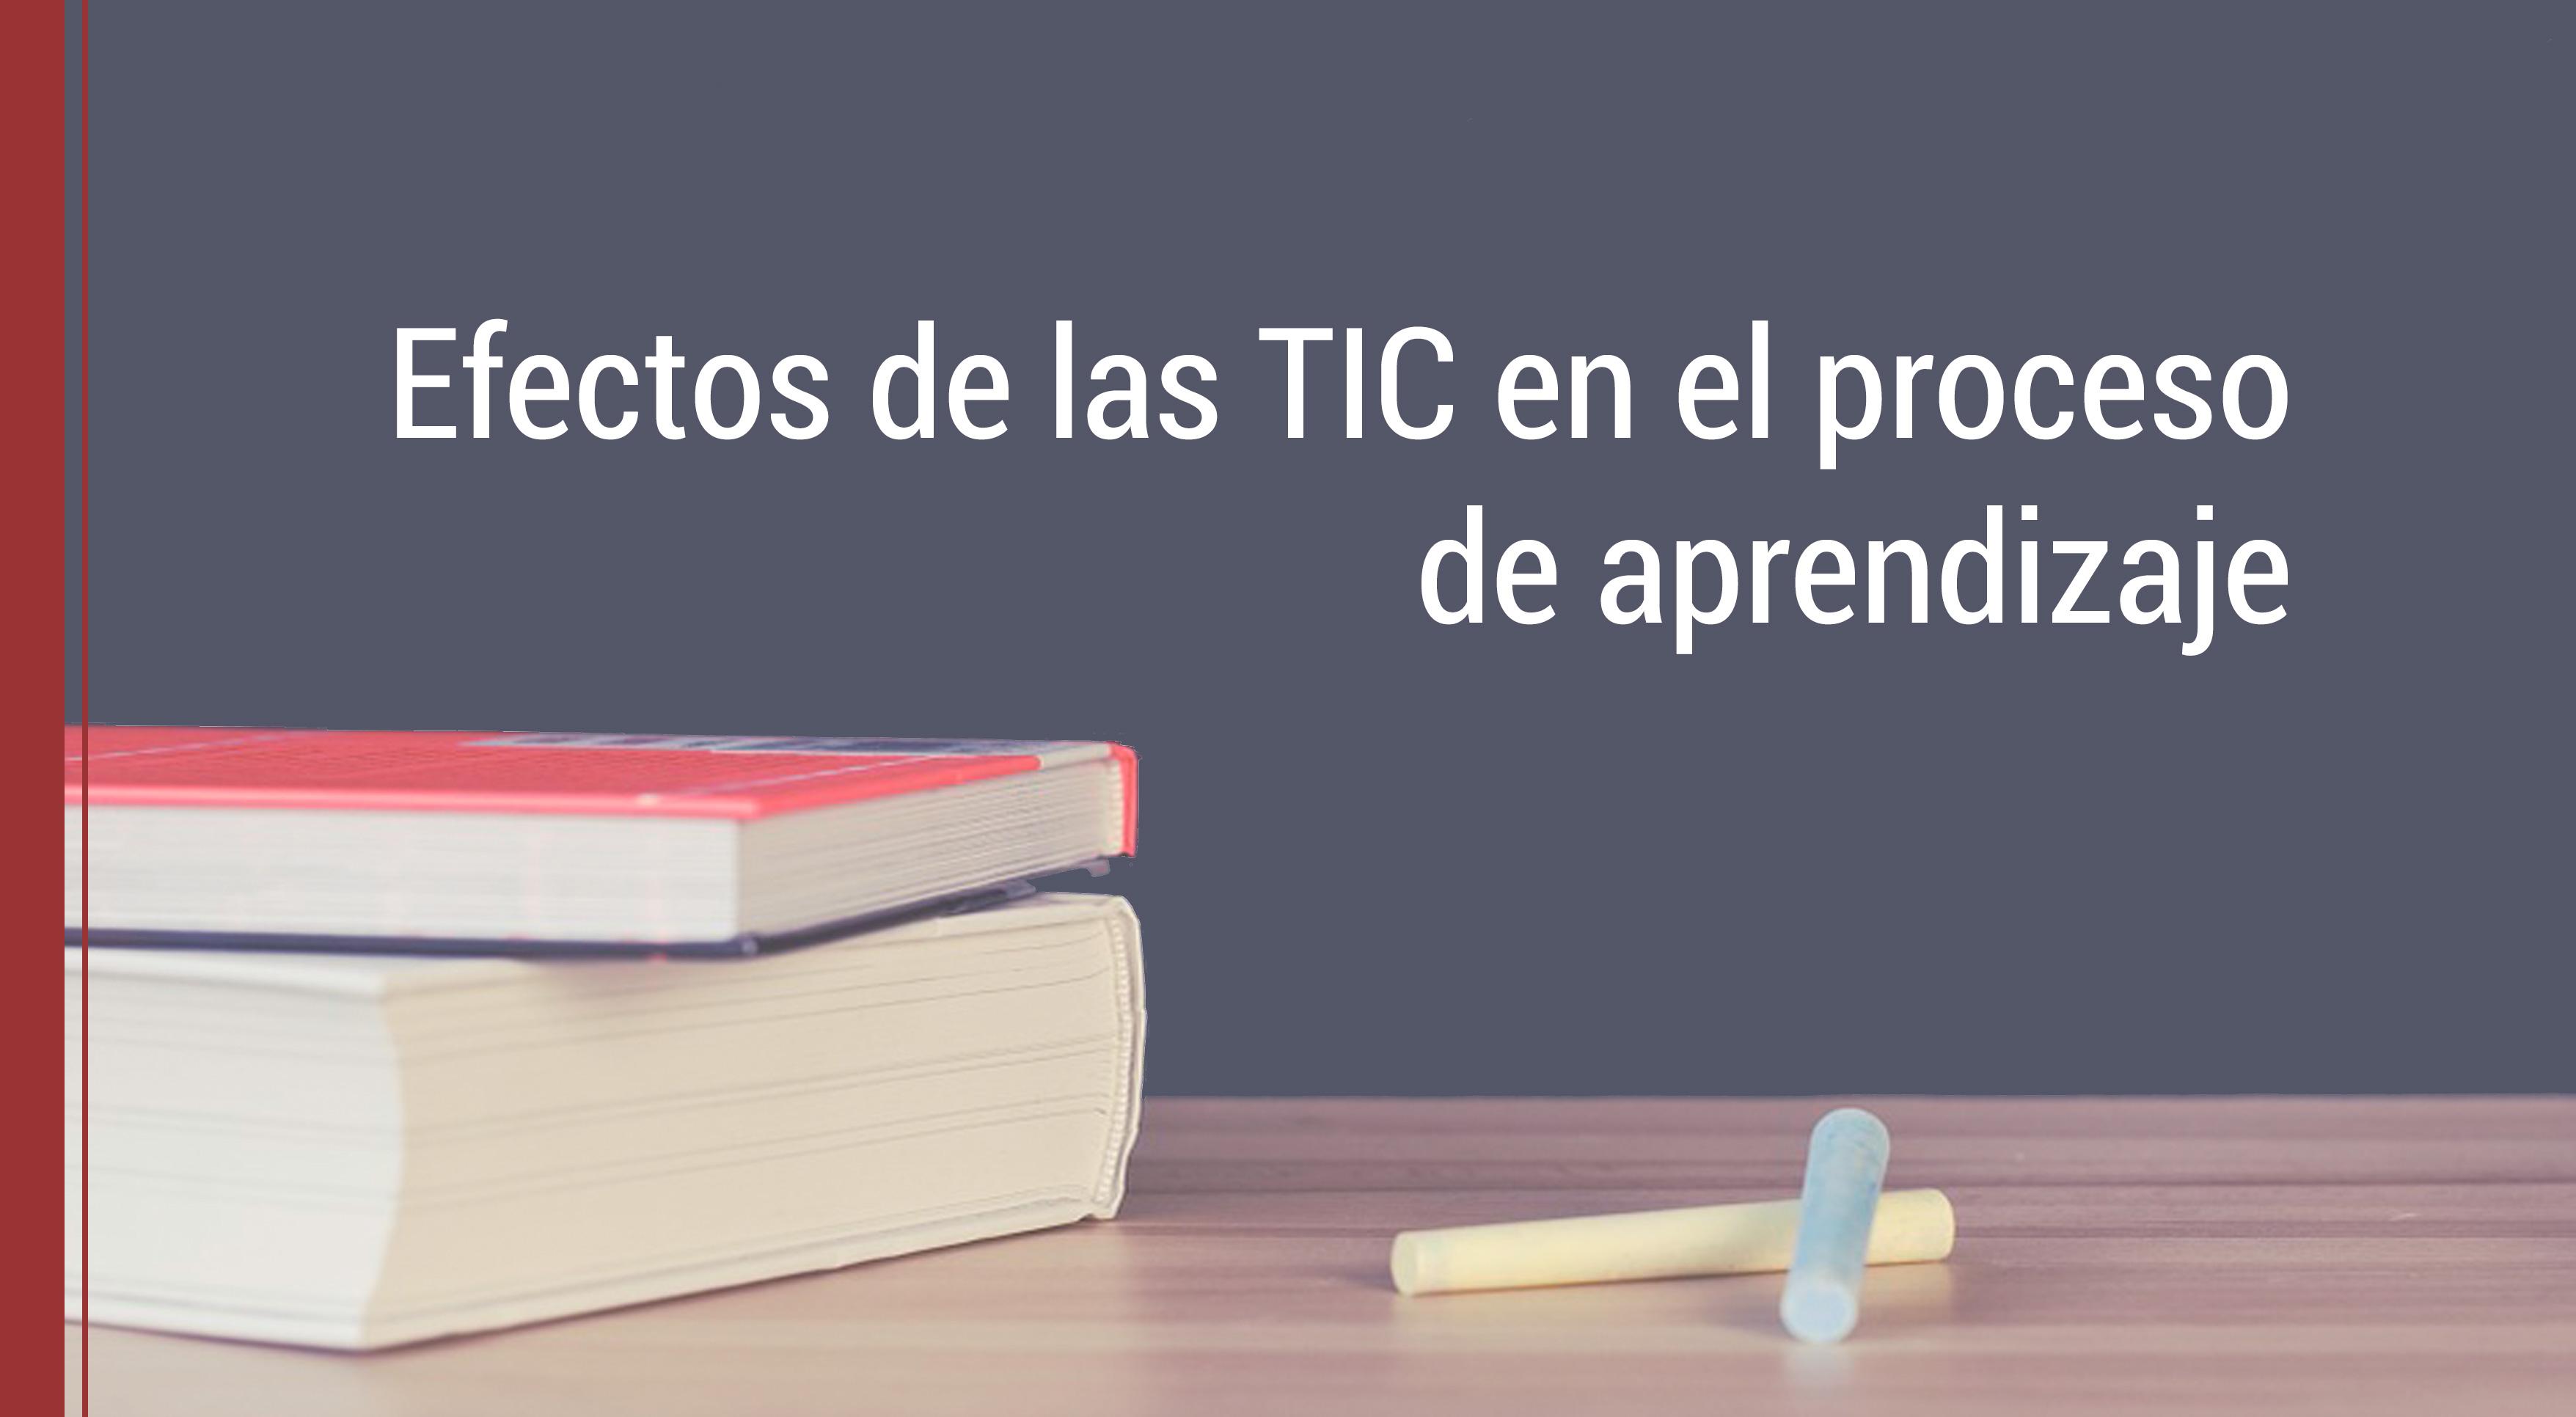 tic-proceso-aprendizaje La integración de las TIC en la escuela y el proceso de aprendizaje